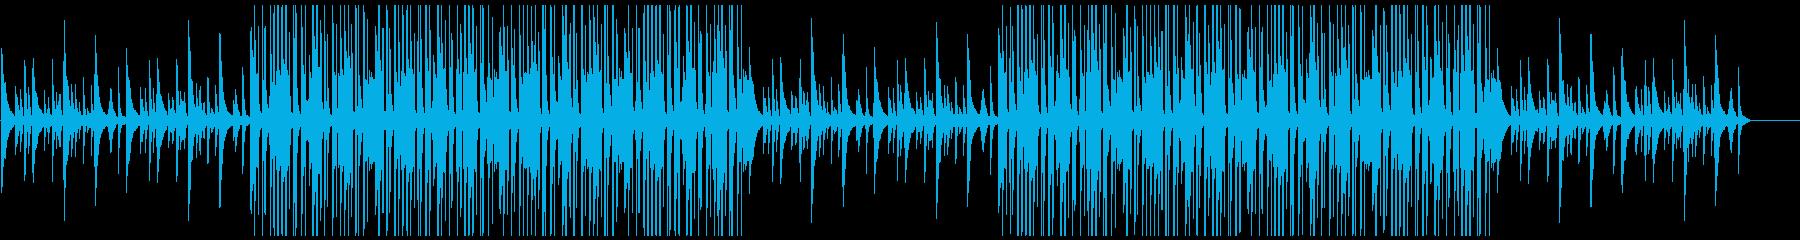 寂しく切ないLo-Fiヒップホップビートの再生済みの波形